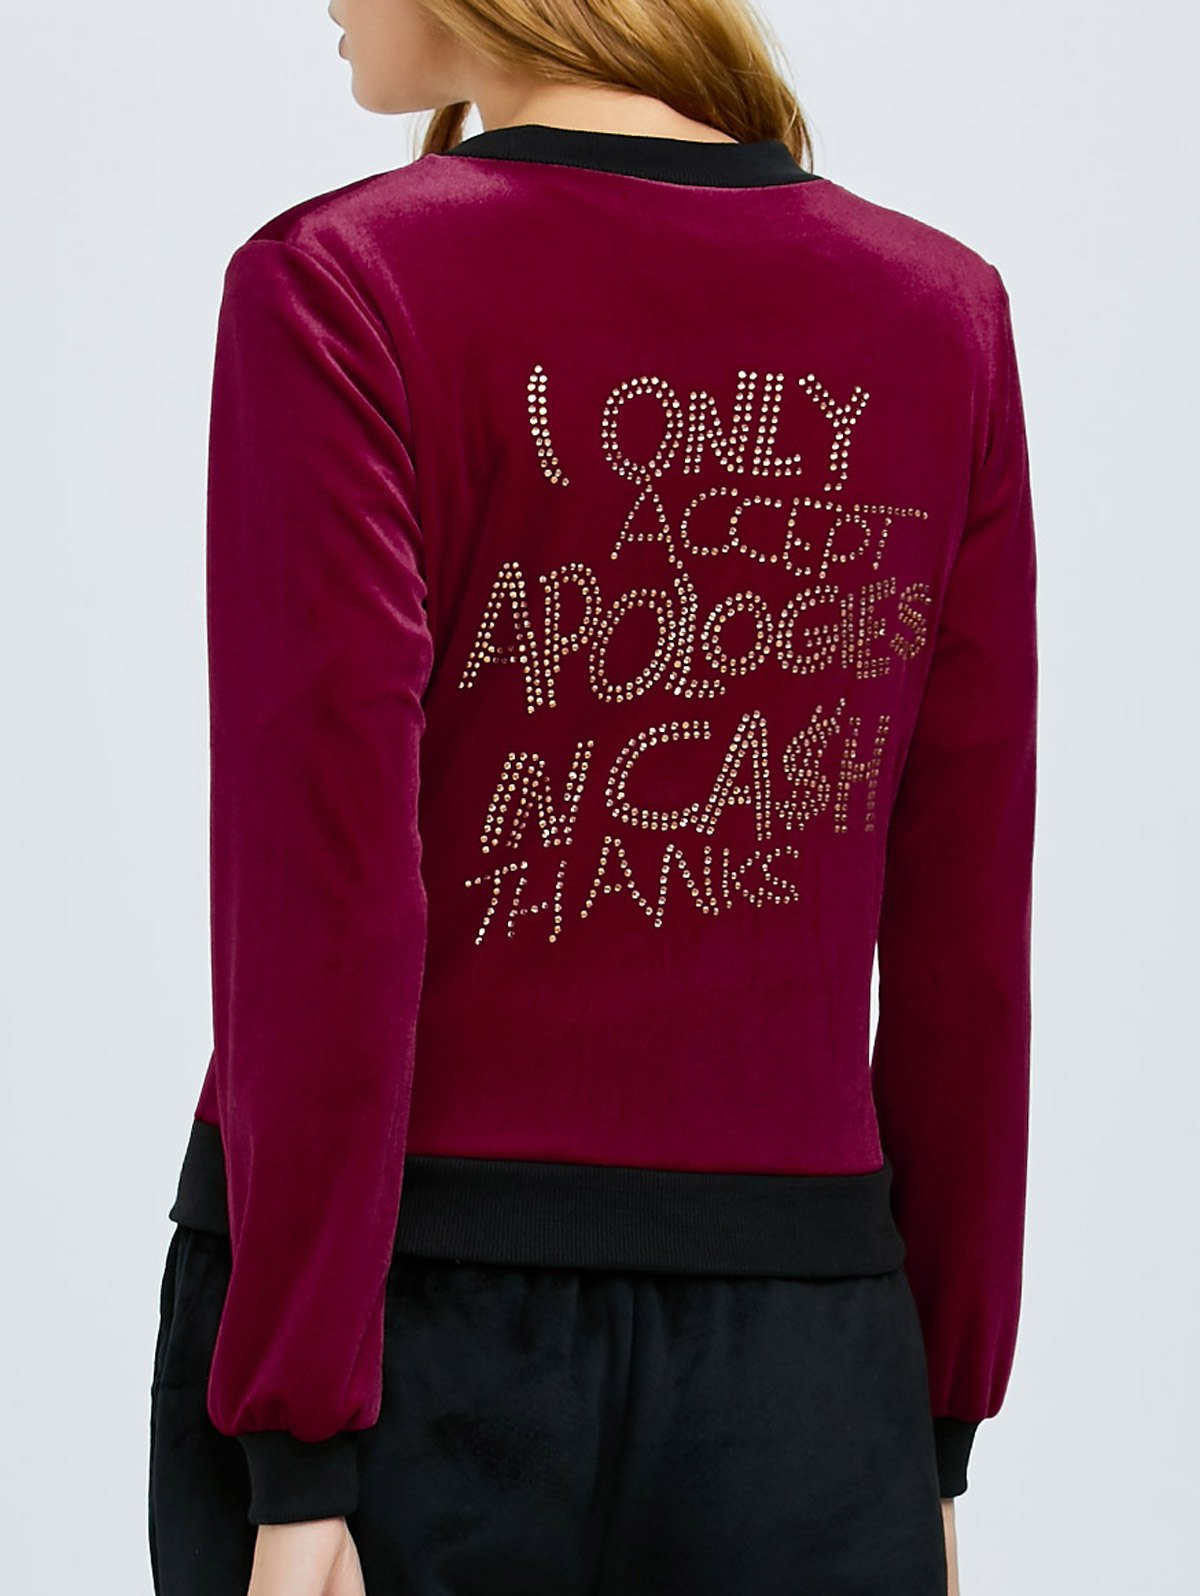 Velvet Rhinestone Embellished Jacket